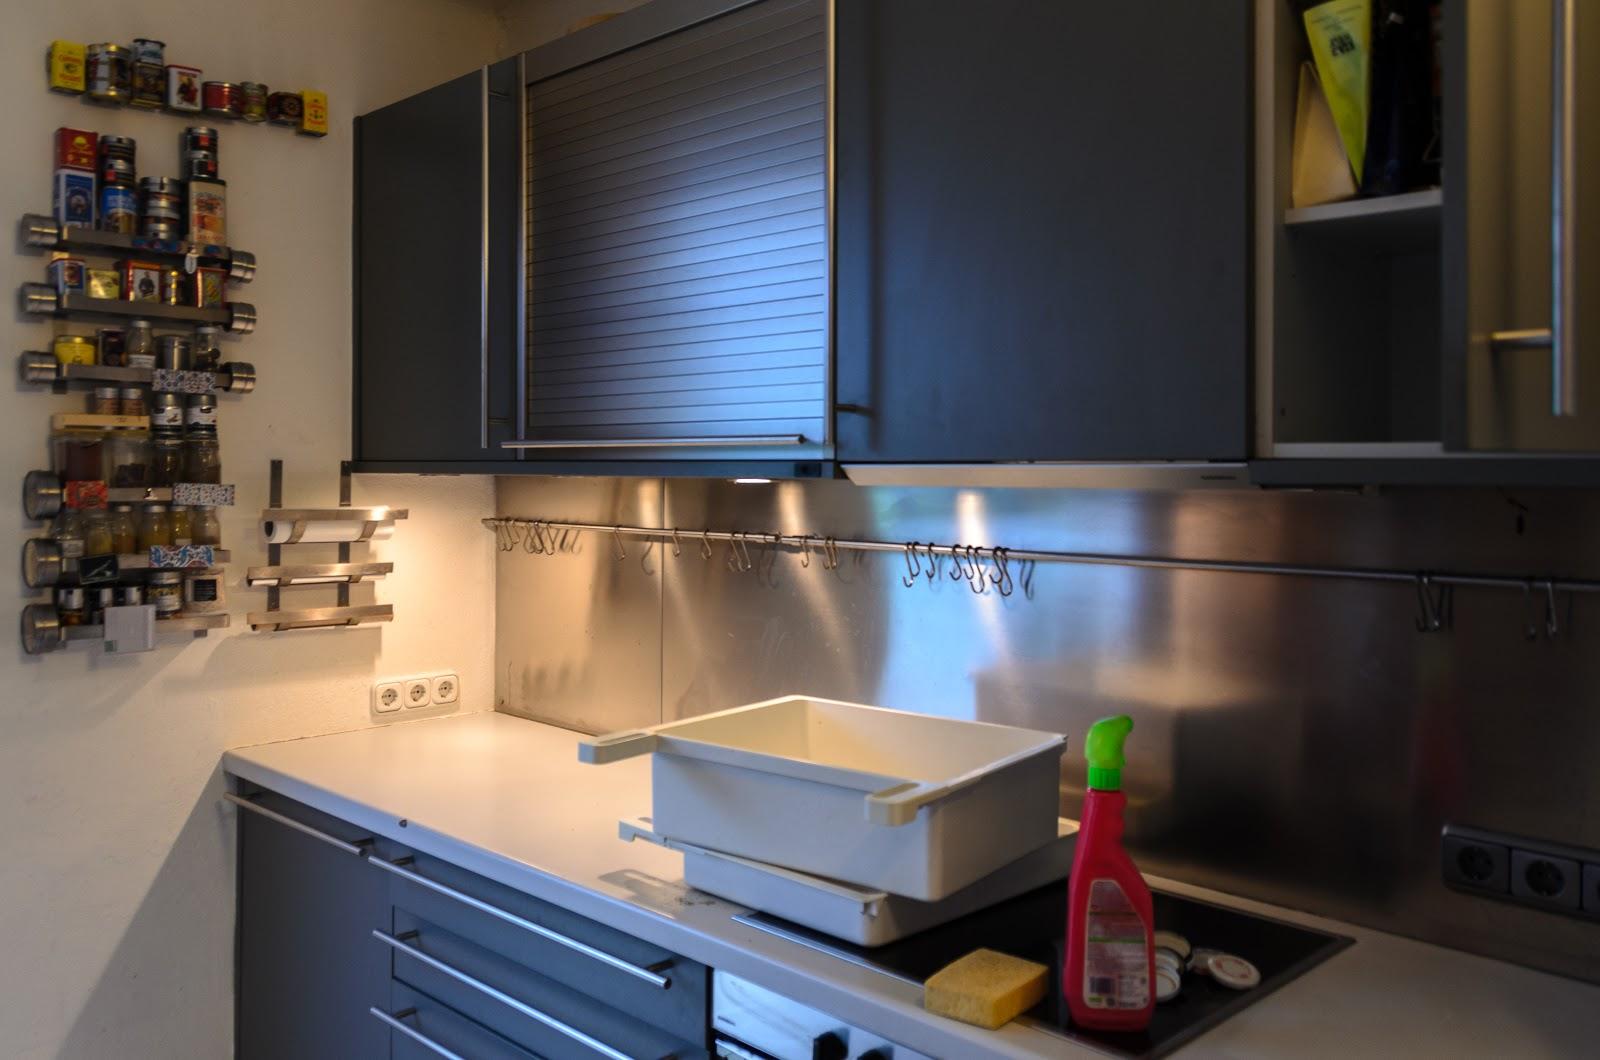 Küche aus alt mach neu  Frau am Werk: KÜCHENRENOVIERUNG: AUS ALT MACH NEU